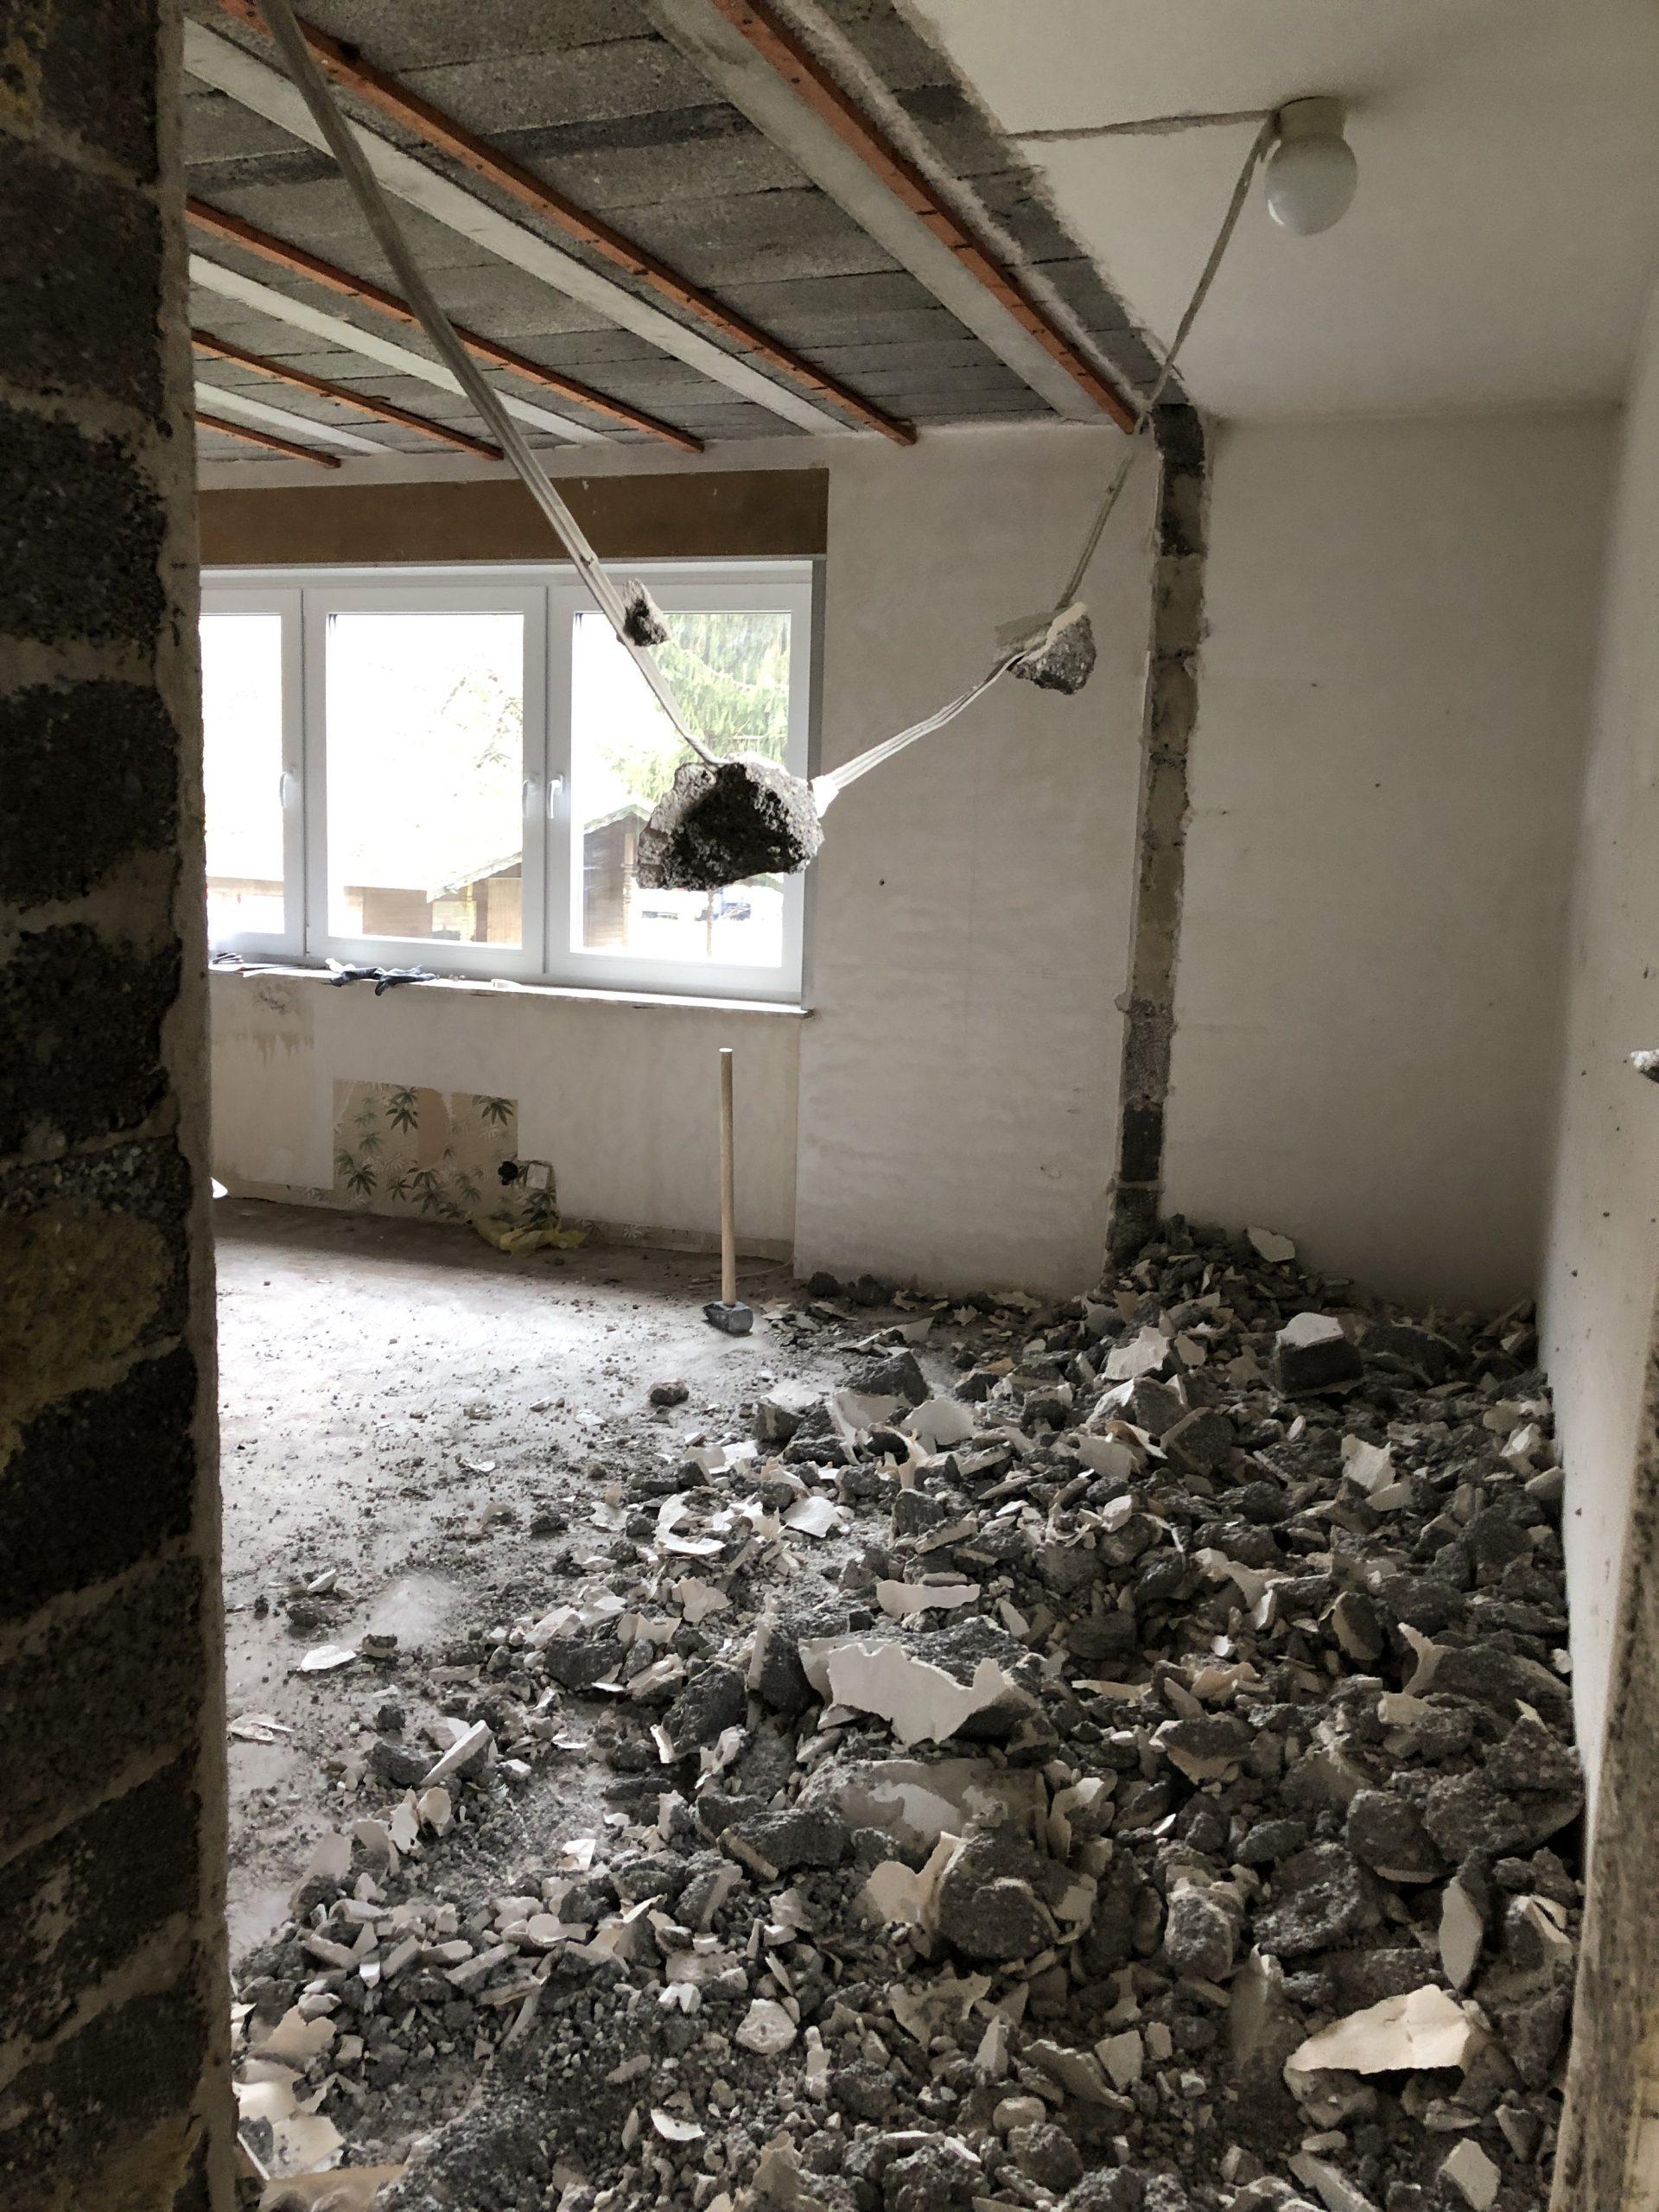 Haussanierung – Verwandlung im Wohnzimmer mit Wandfarbe von Kalk Litir – Der Vorher/Nachher Vergleich Inneneinrichtung renovieren umbauen sanieren Sanierung Renovierung 2021